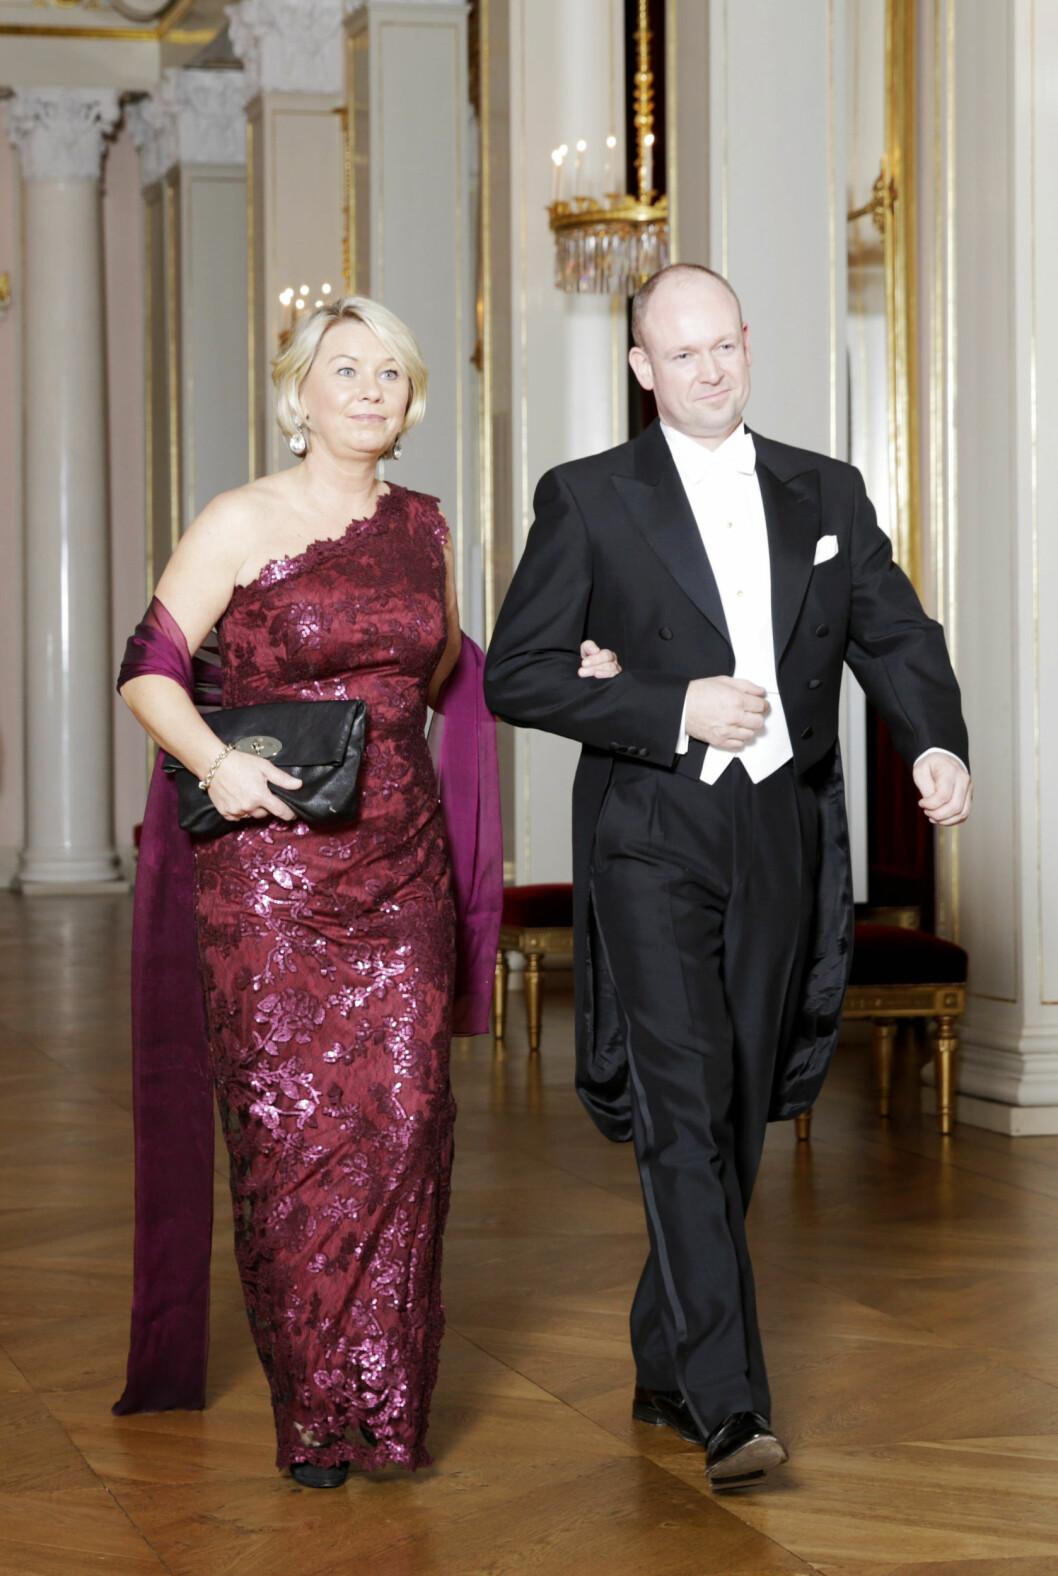 Næringsminister Monica Mæland valgte en asymmetrisk kjole i burgunder for anledningen.  Foto: NTB scanpix